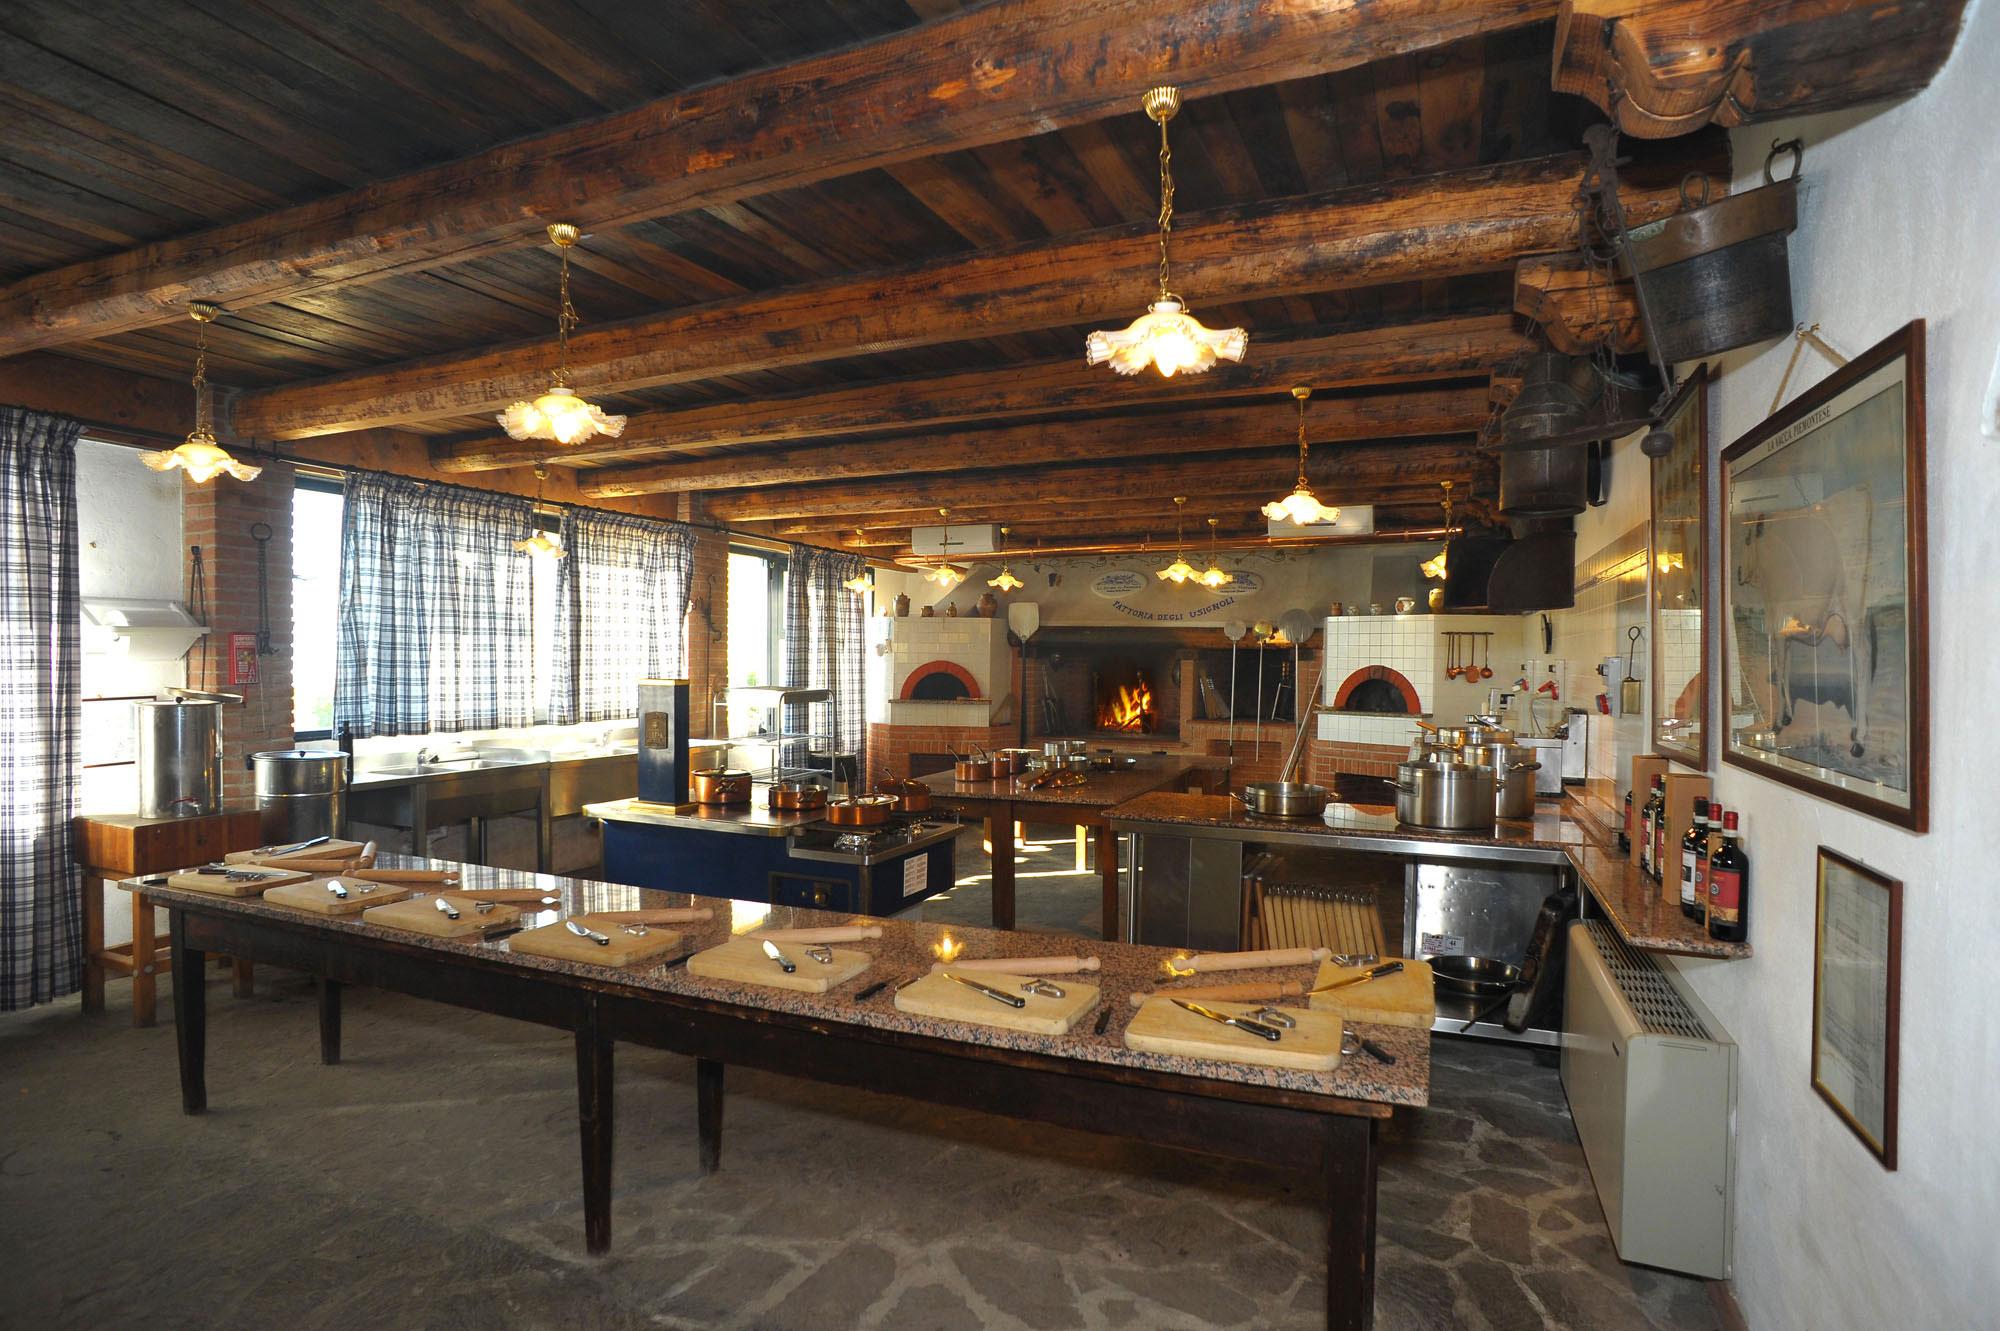 Cucine Stile Toscano. Cucina Di Bianchini With Cucine Stile Toscano ...